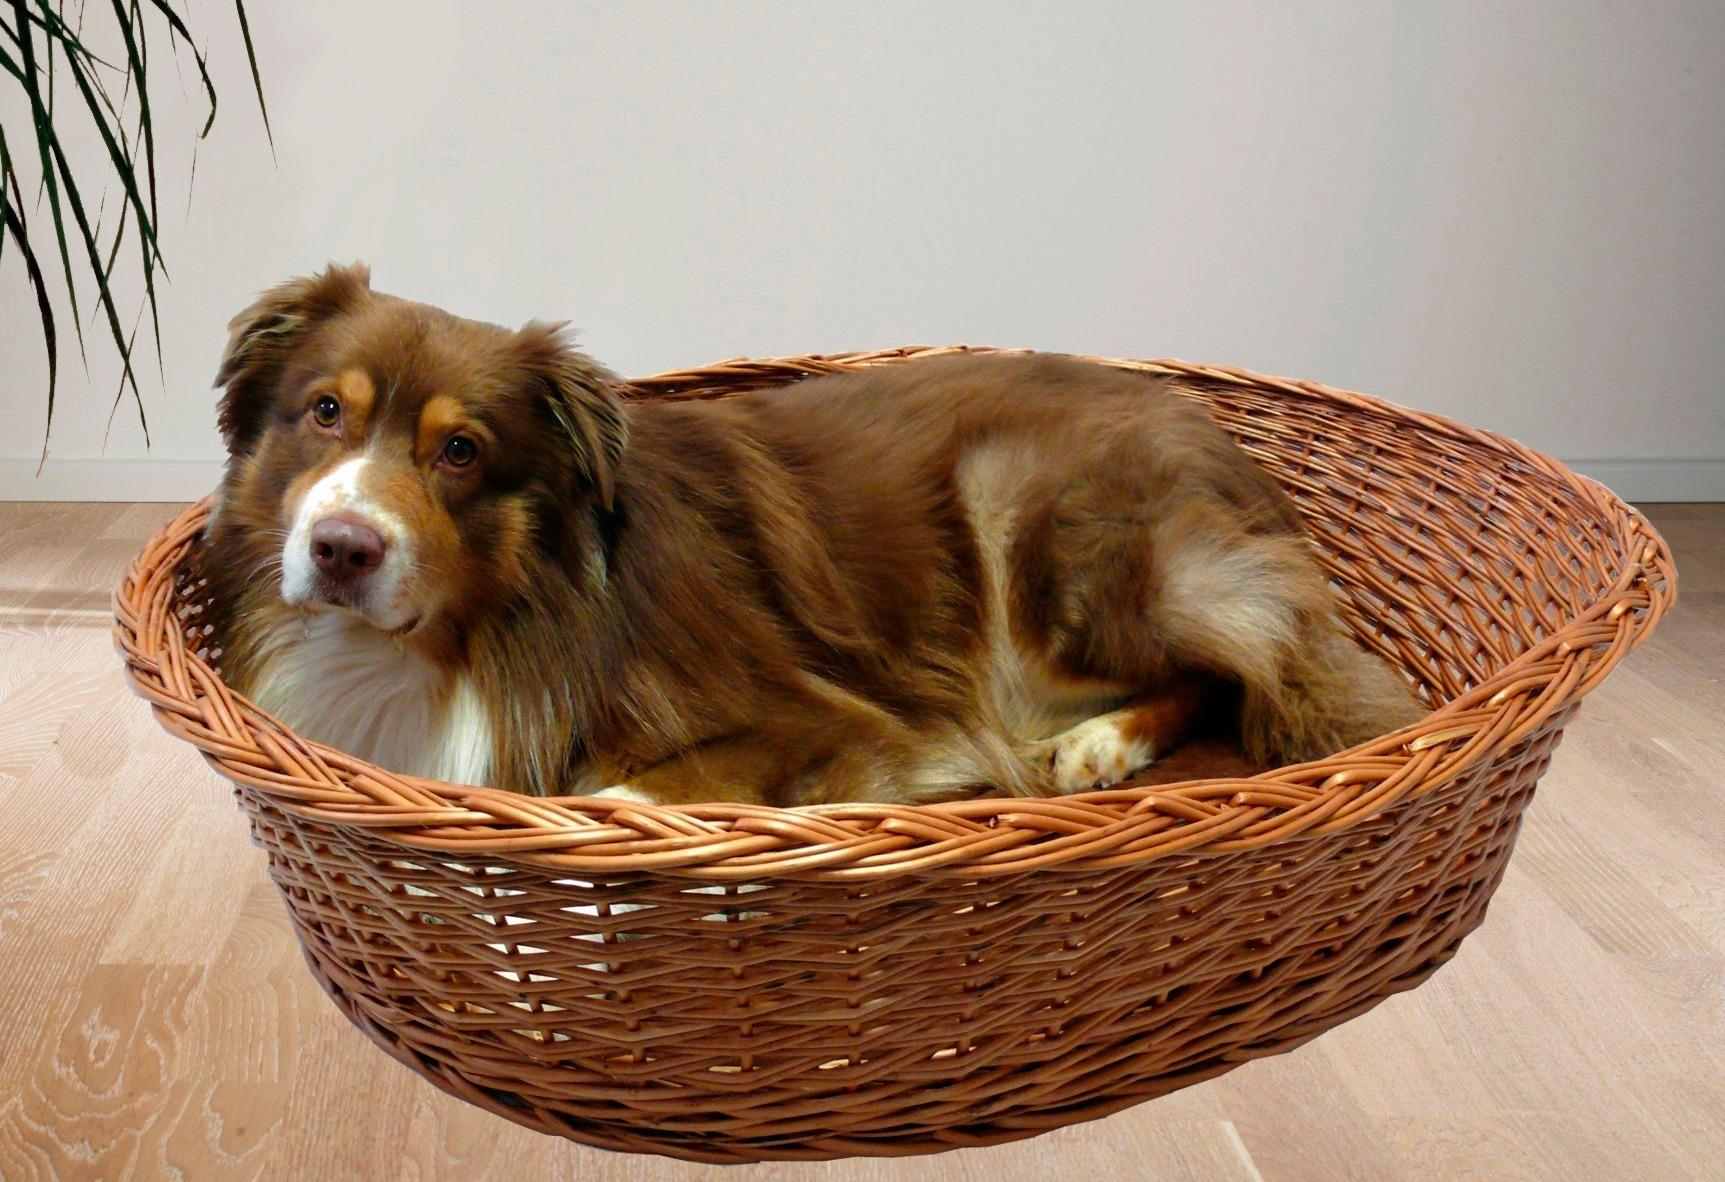 SILVIO DESIGN Hundekorb und Katzenkorb »Weide Ruhekorb mit Kissen«   Garten > Tiermöbel > Katzenkörbe   Braun   SILVIO DESIGN